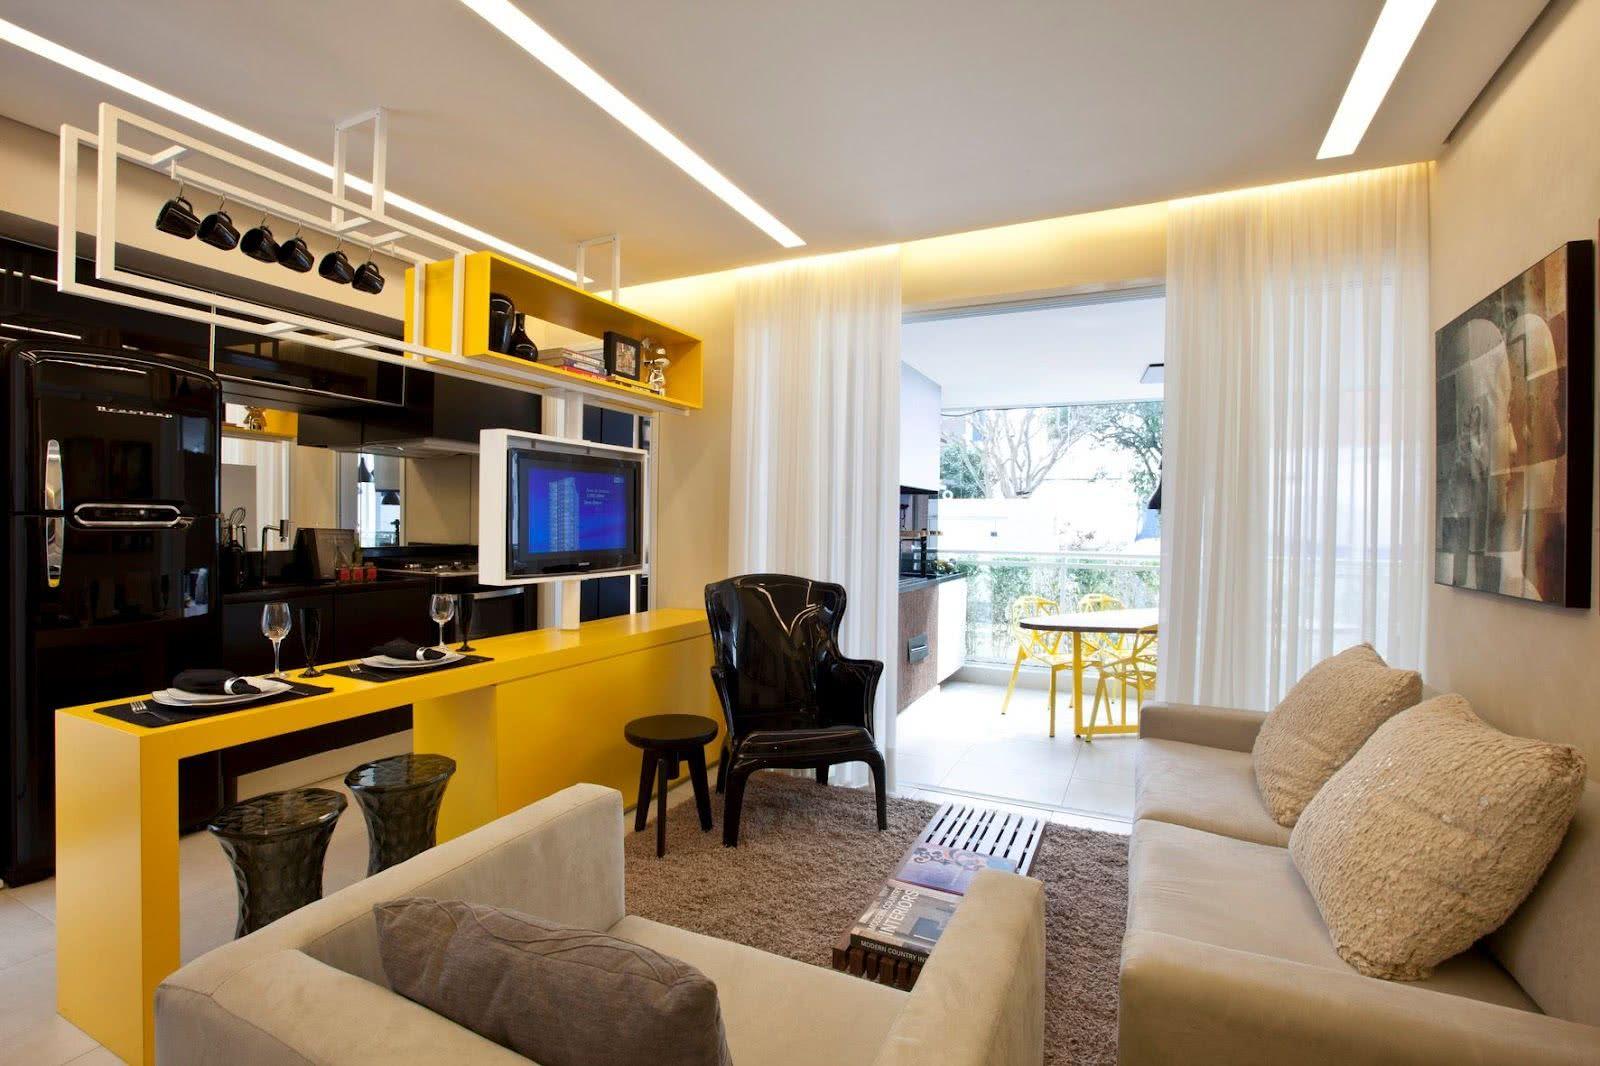 Projeto luminotécnico para salas e cozinhas integradas